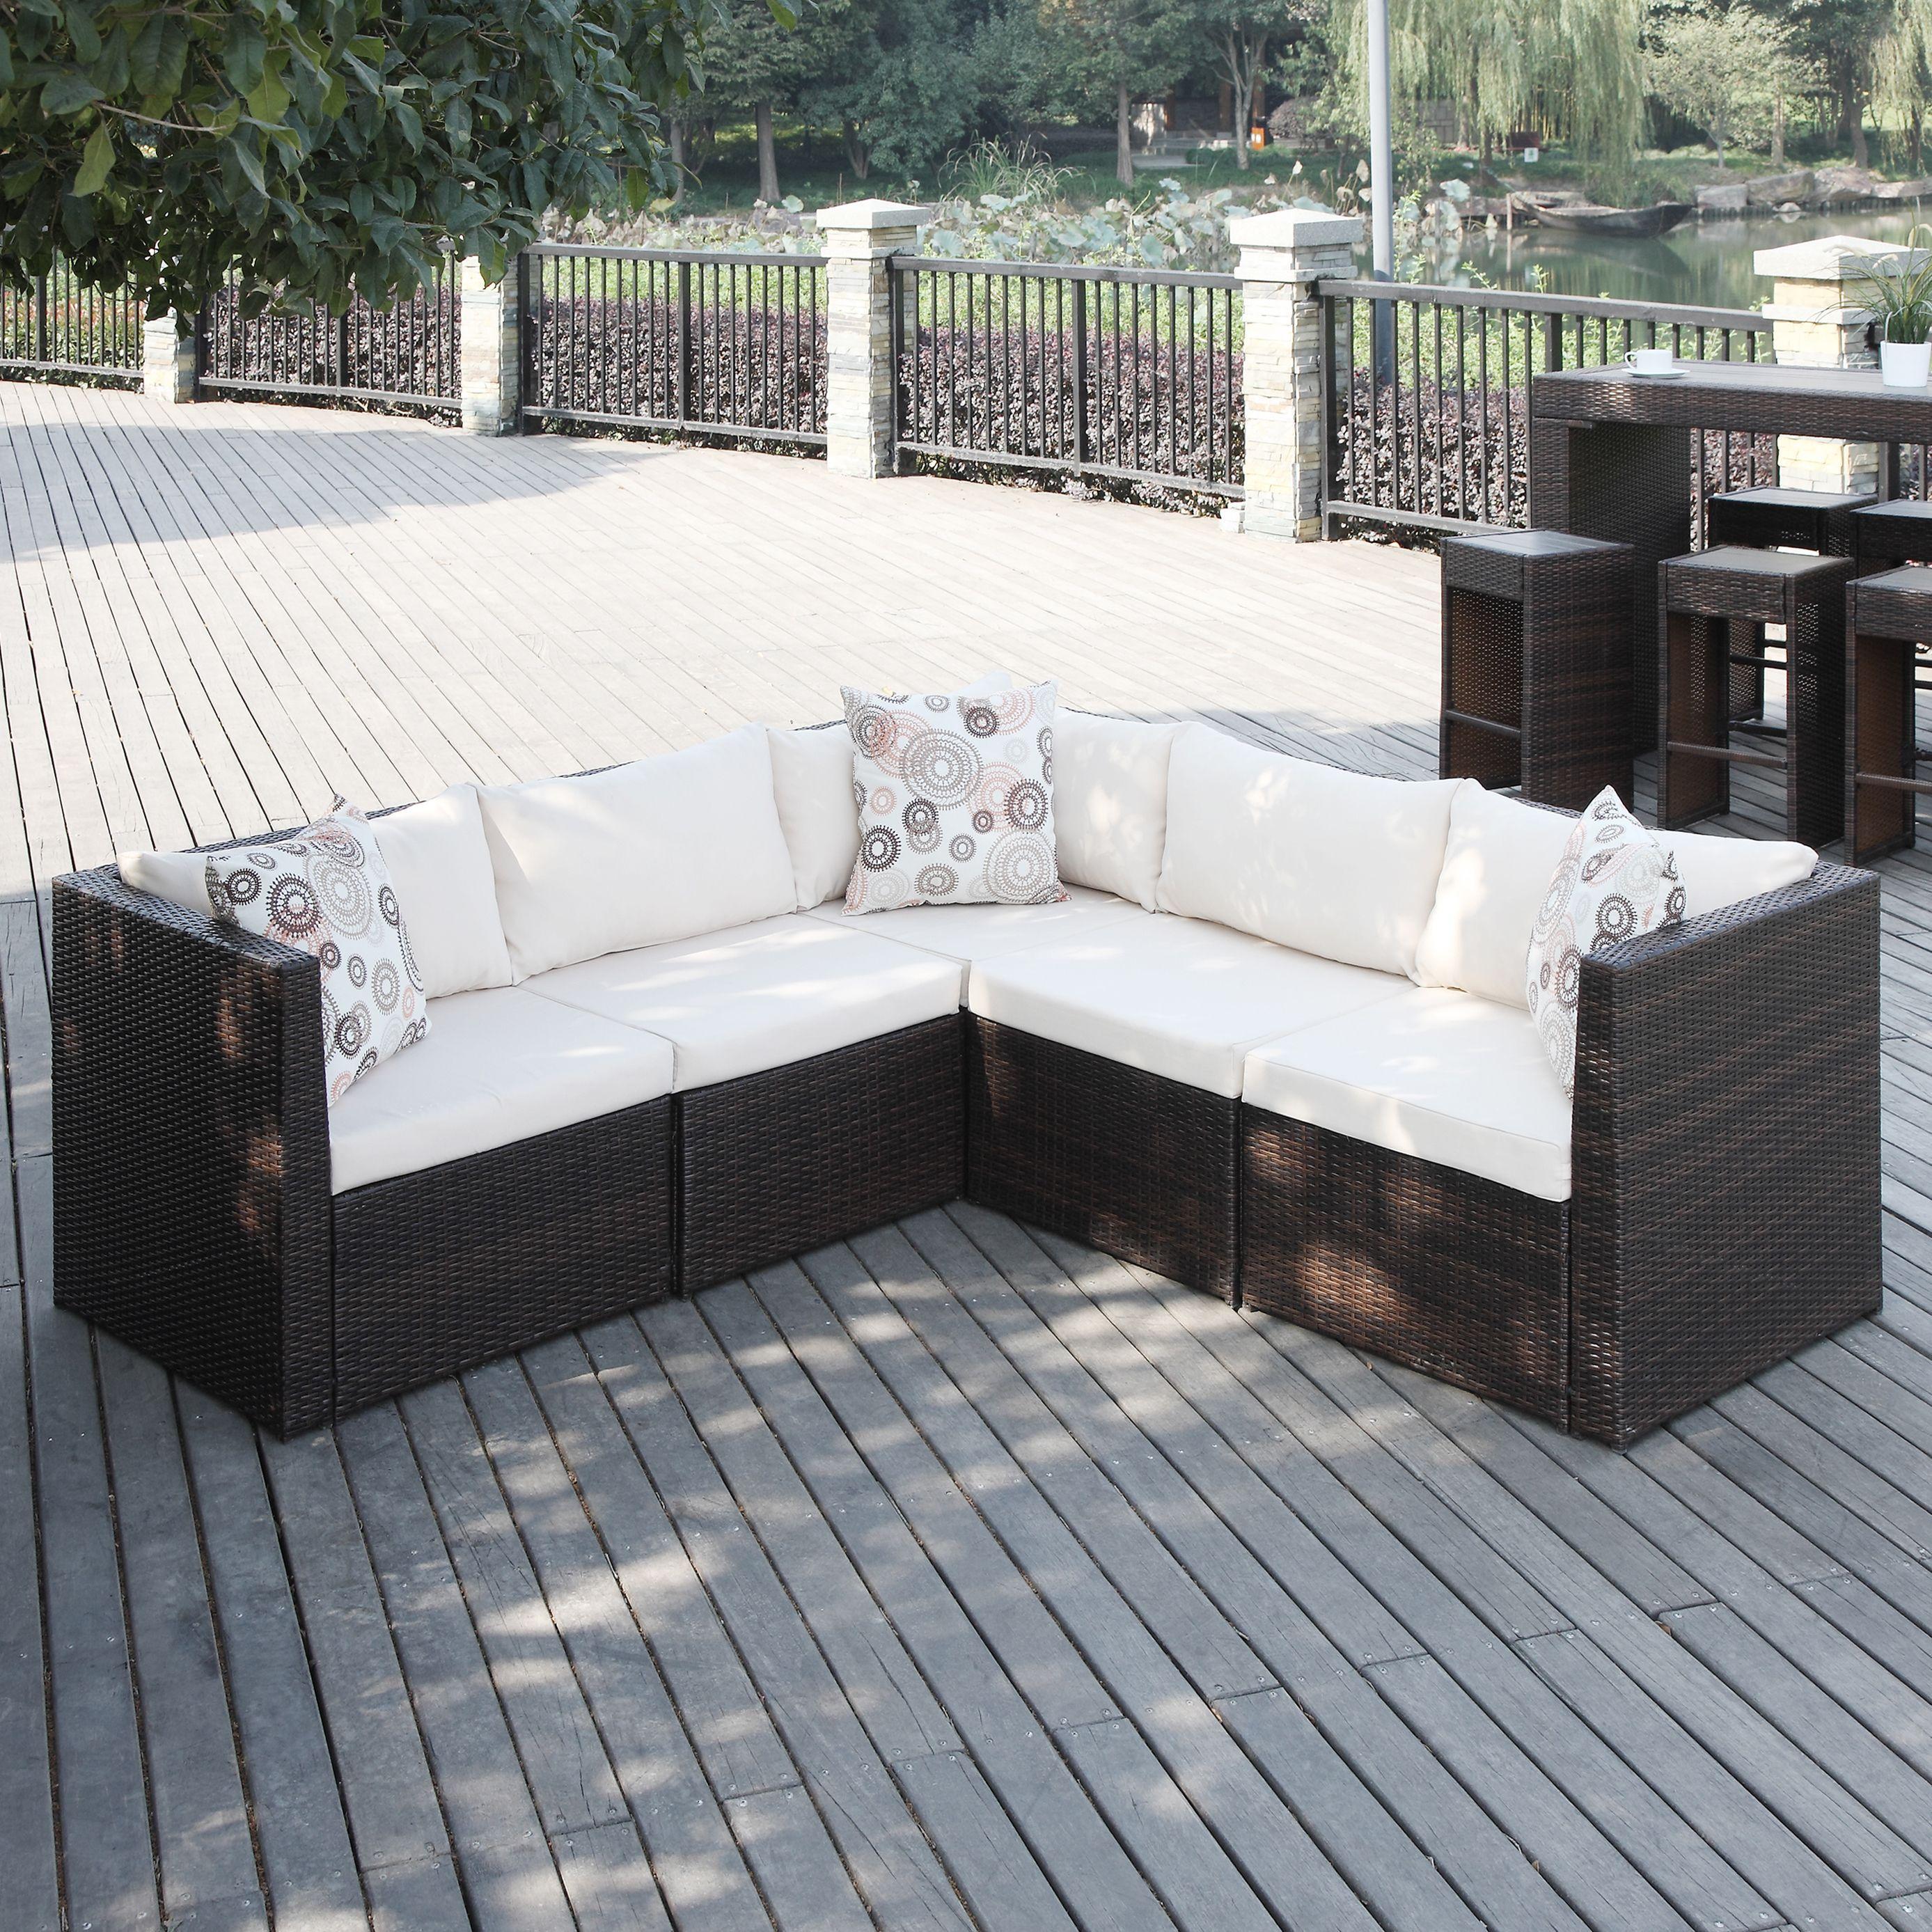 Handy living aldrich brown indoor outdoor 5 piece - Naturewood furniture for both indoor and outdoor sitting ...